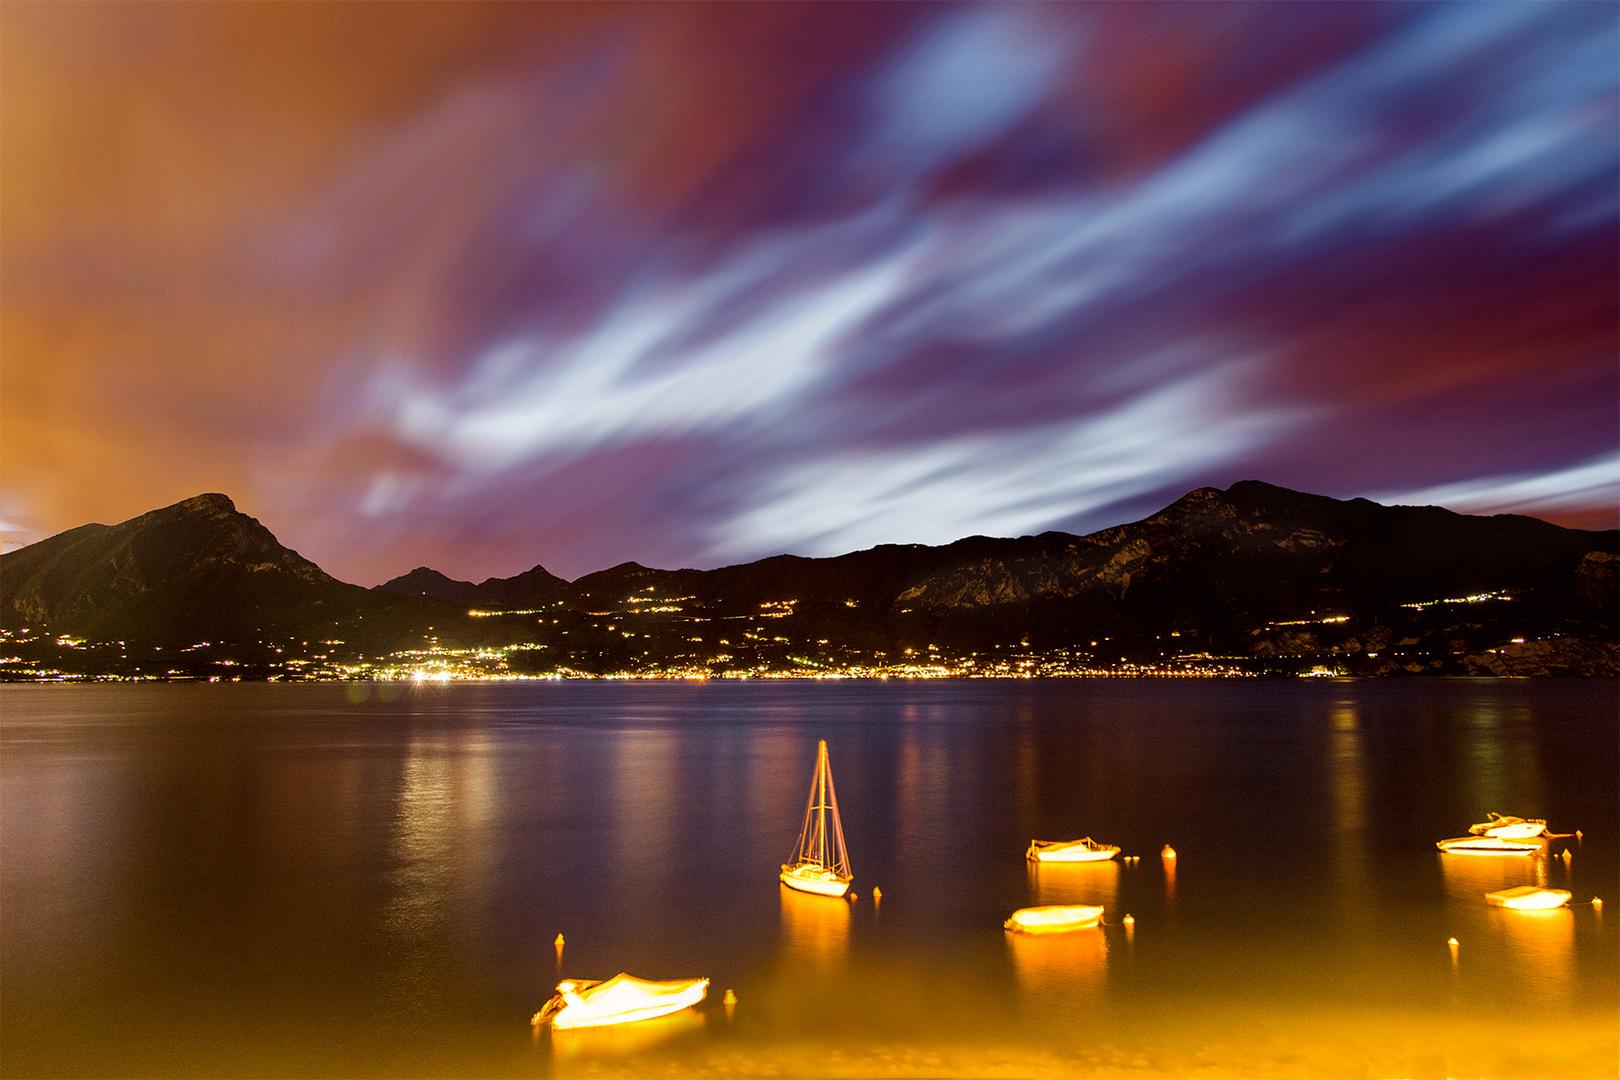 Abendsturm am Gardasee